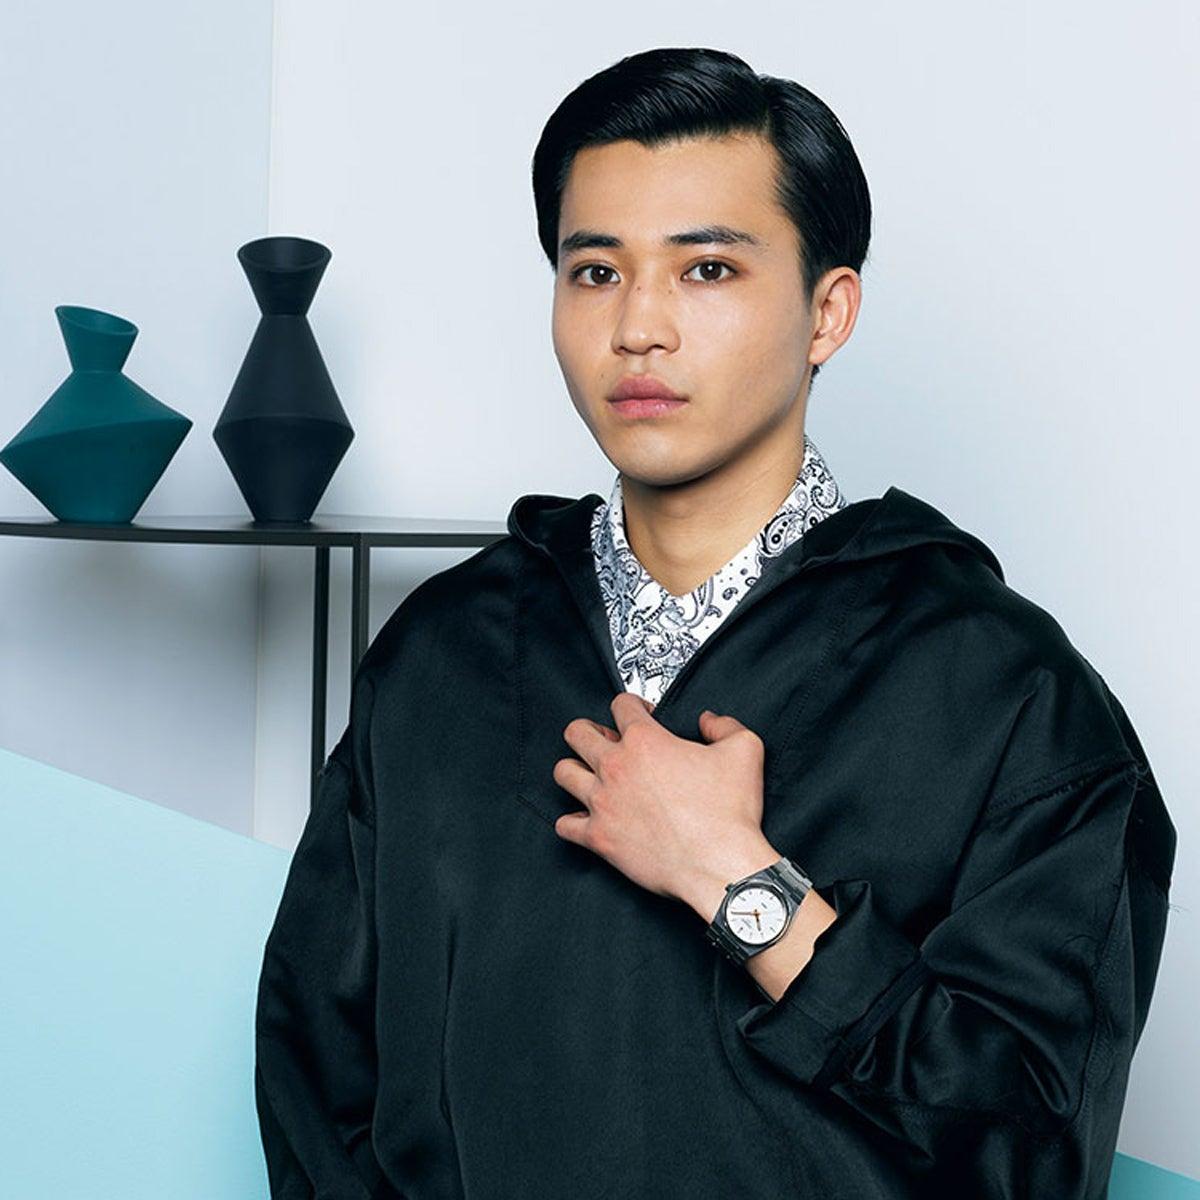 僕らの相棒時計「TISSOT PRX」は、ミニマルなデザインにして個性も十分!